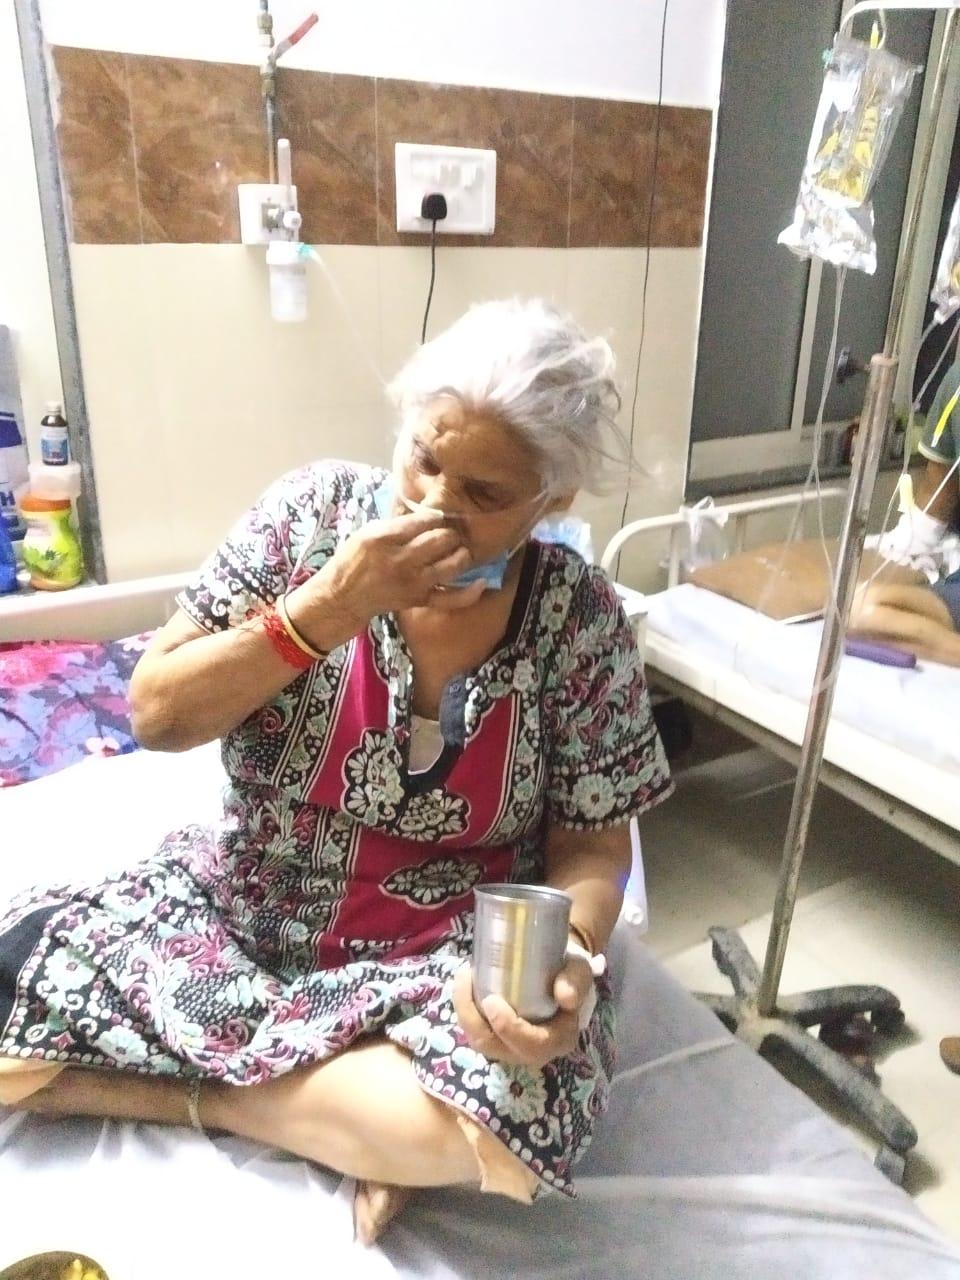 82 वर्ष की दादी लालू बाई - Dainik Bhaskar